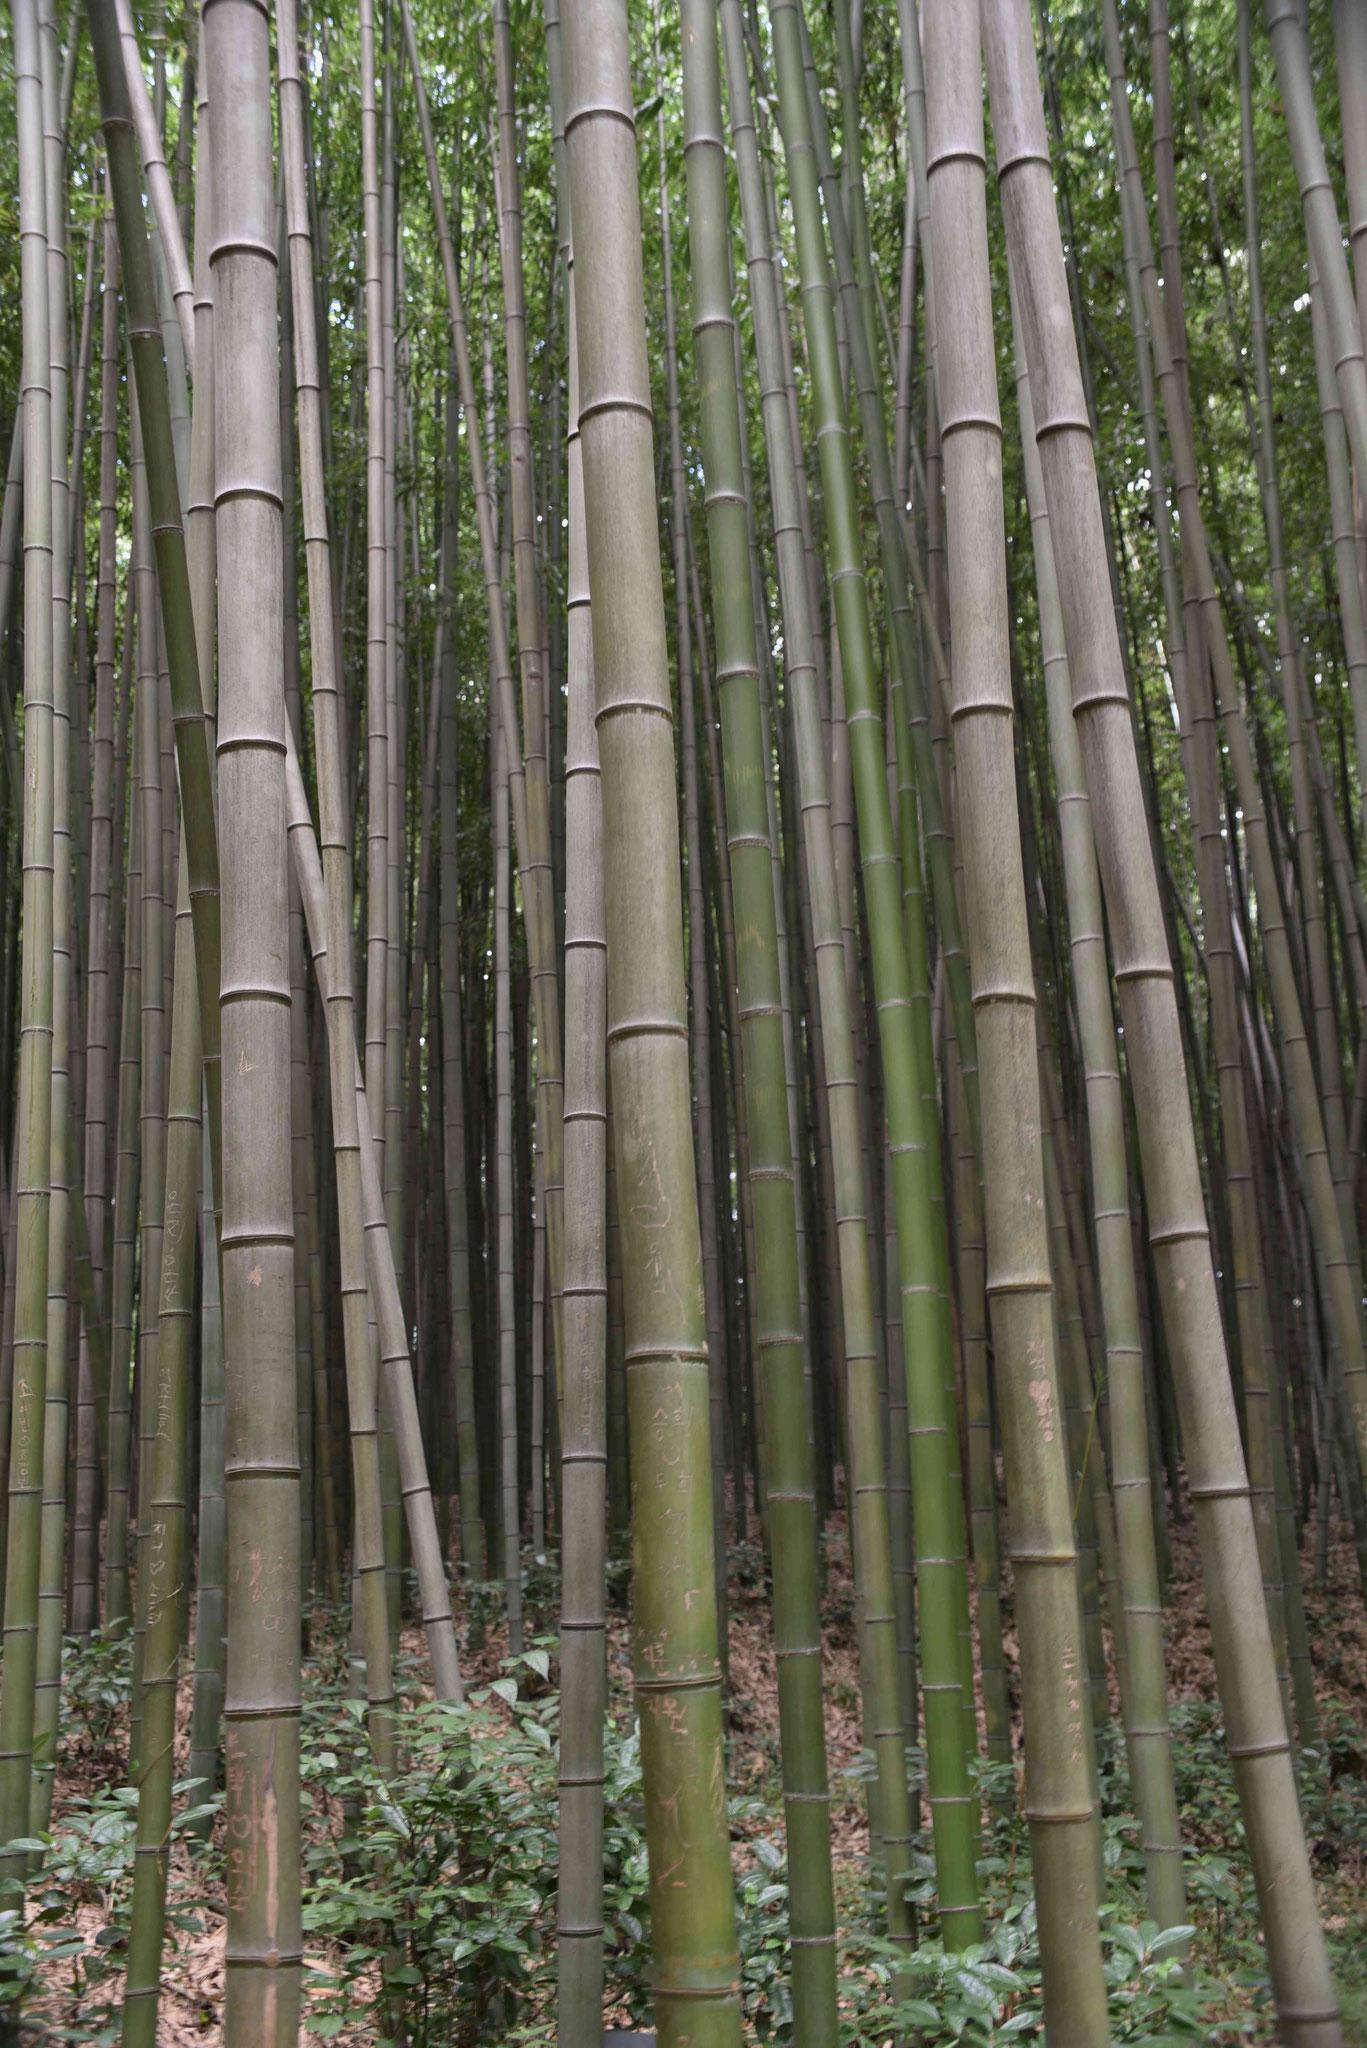 Bambusstämme